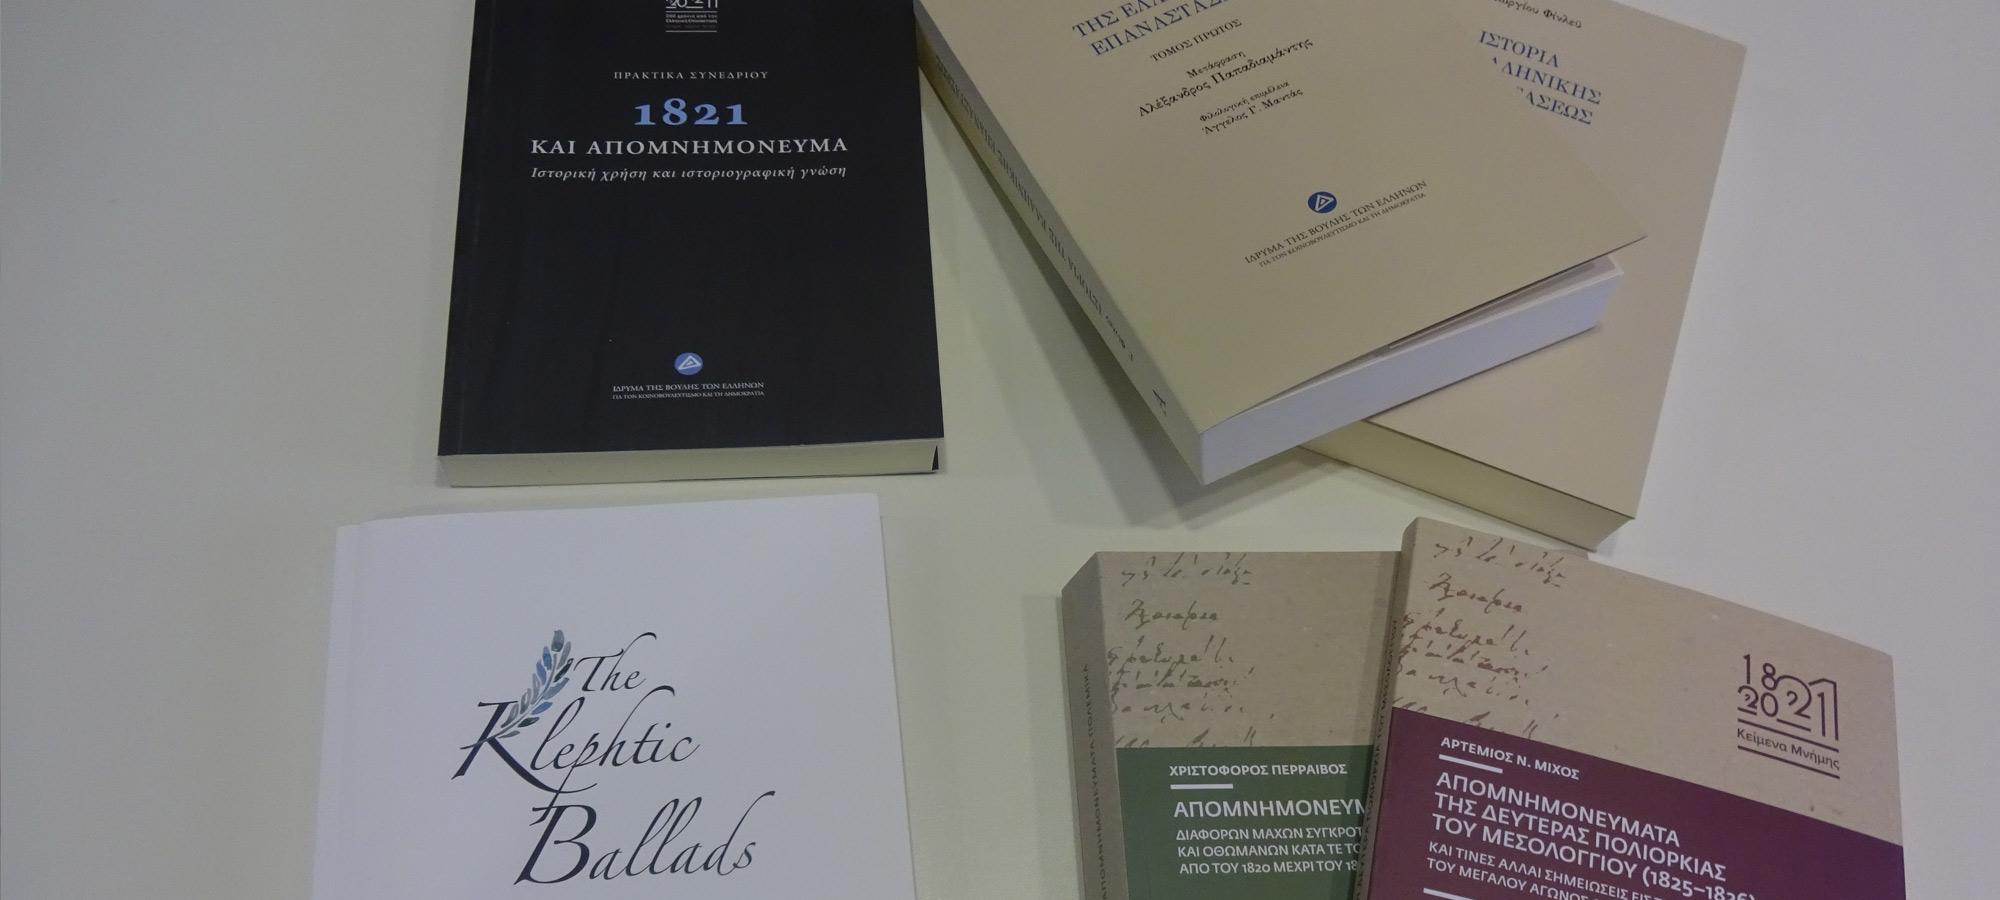 Δωρεά βιβλίων από Ίδρυμα της Βουλής των Ελλήνων